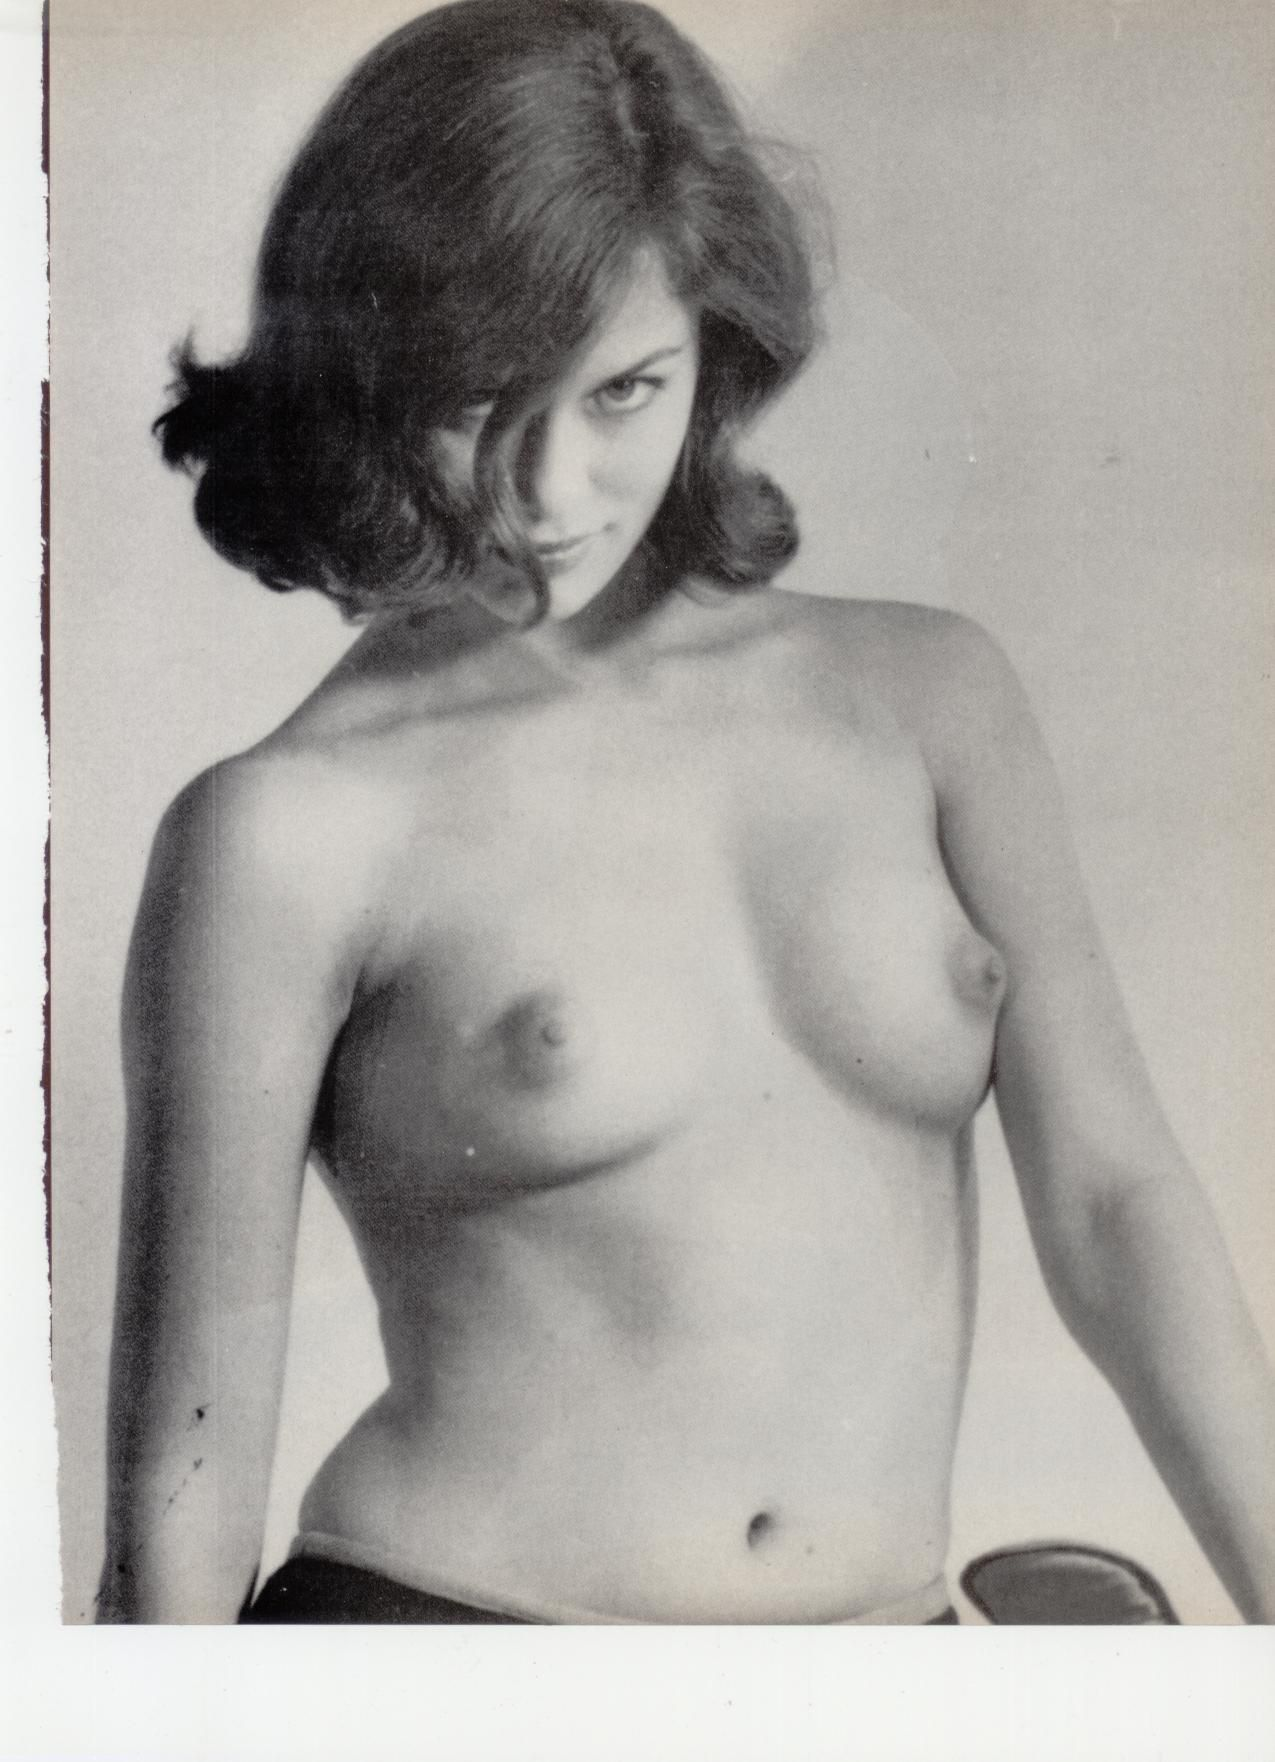 bb lauren naked pussy